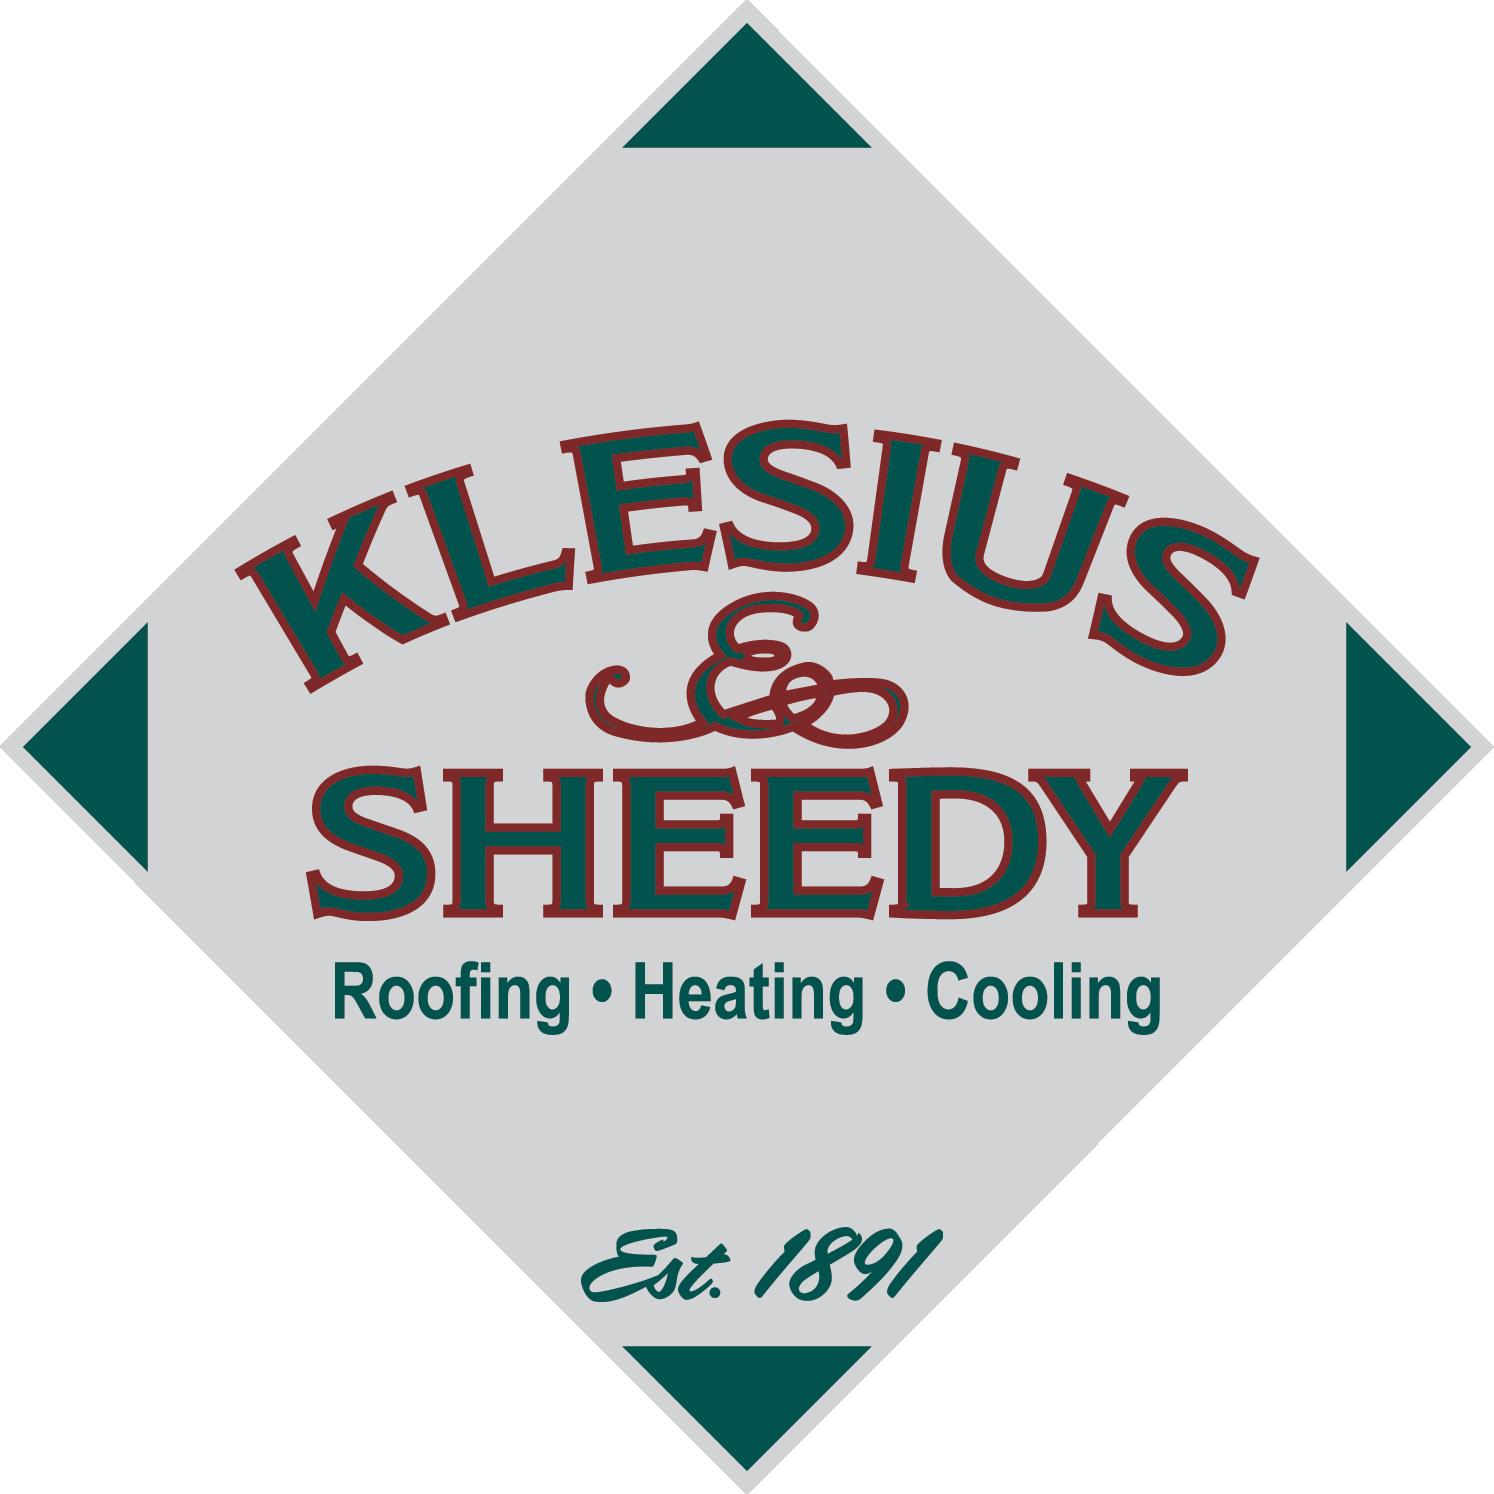 Klesius & Sheedy